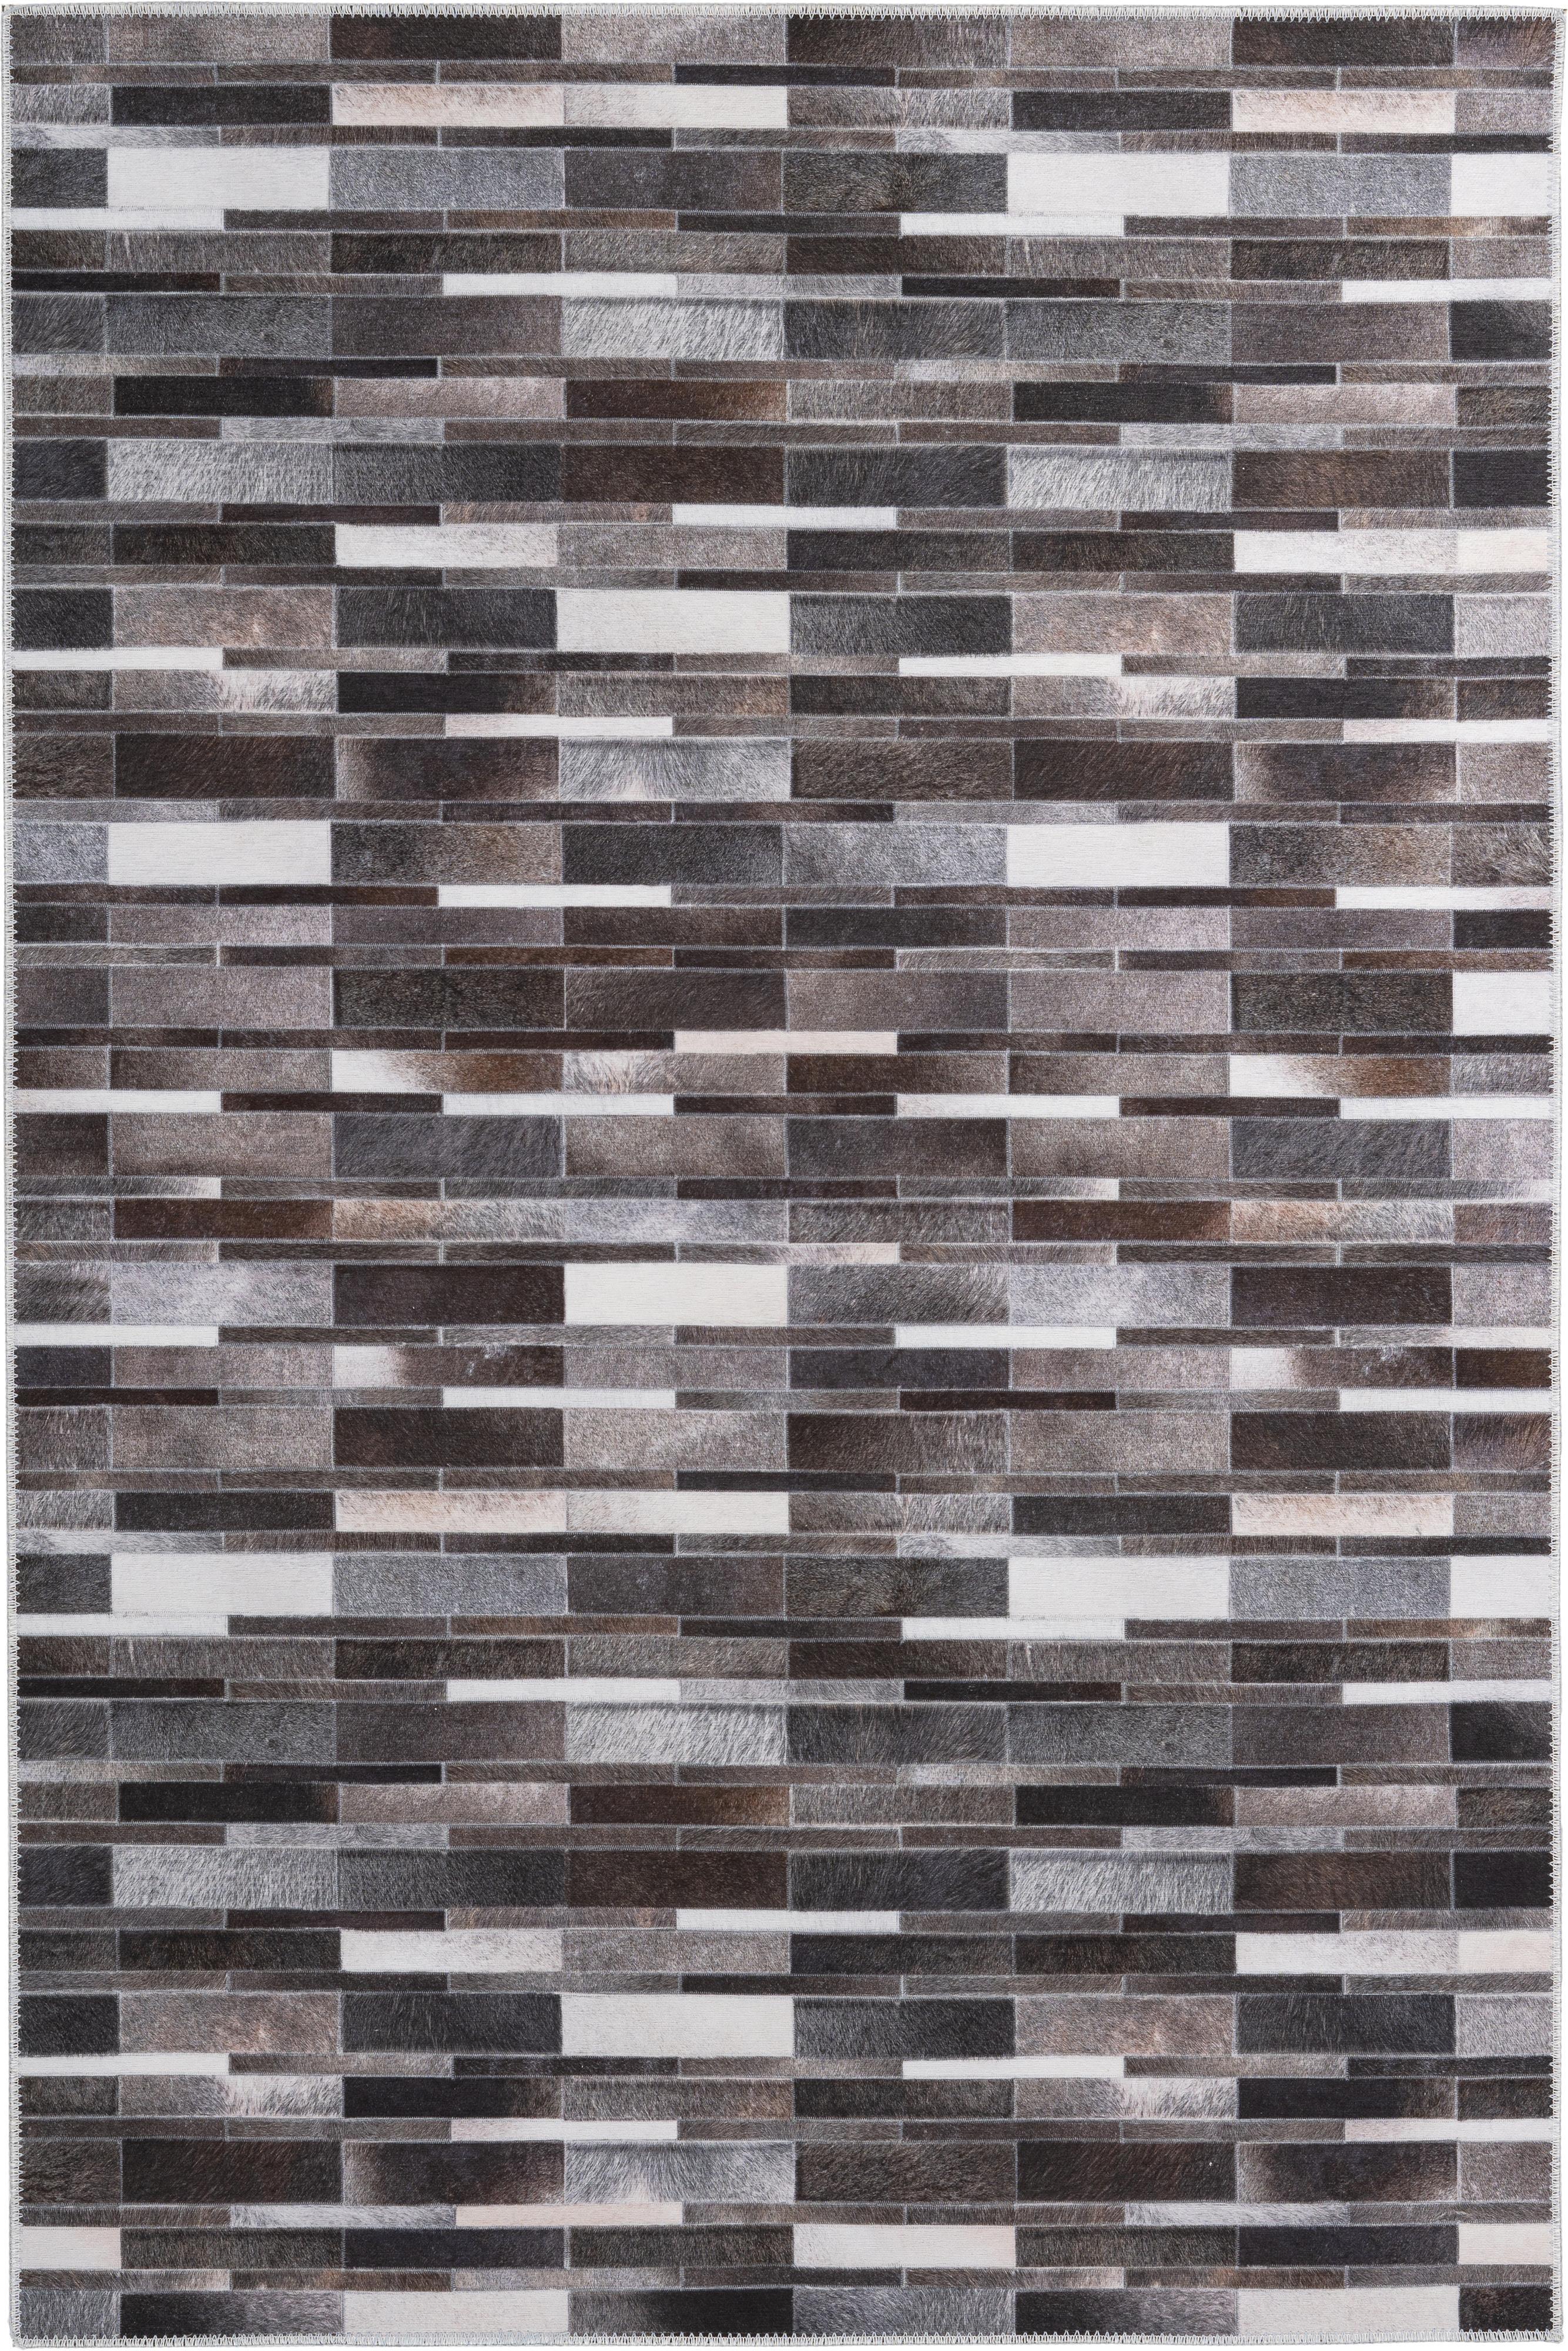 Teppich My Bonanza, Flor: 100% Polyester, Beige, Braun- und Grautöne, B 80 x L 150 cm (Größe XS)